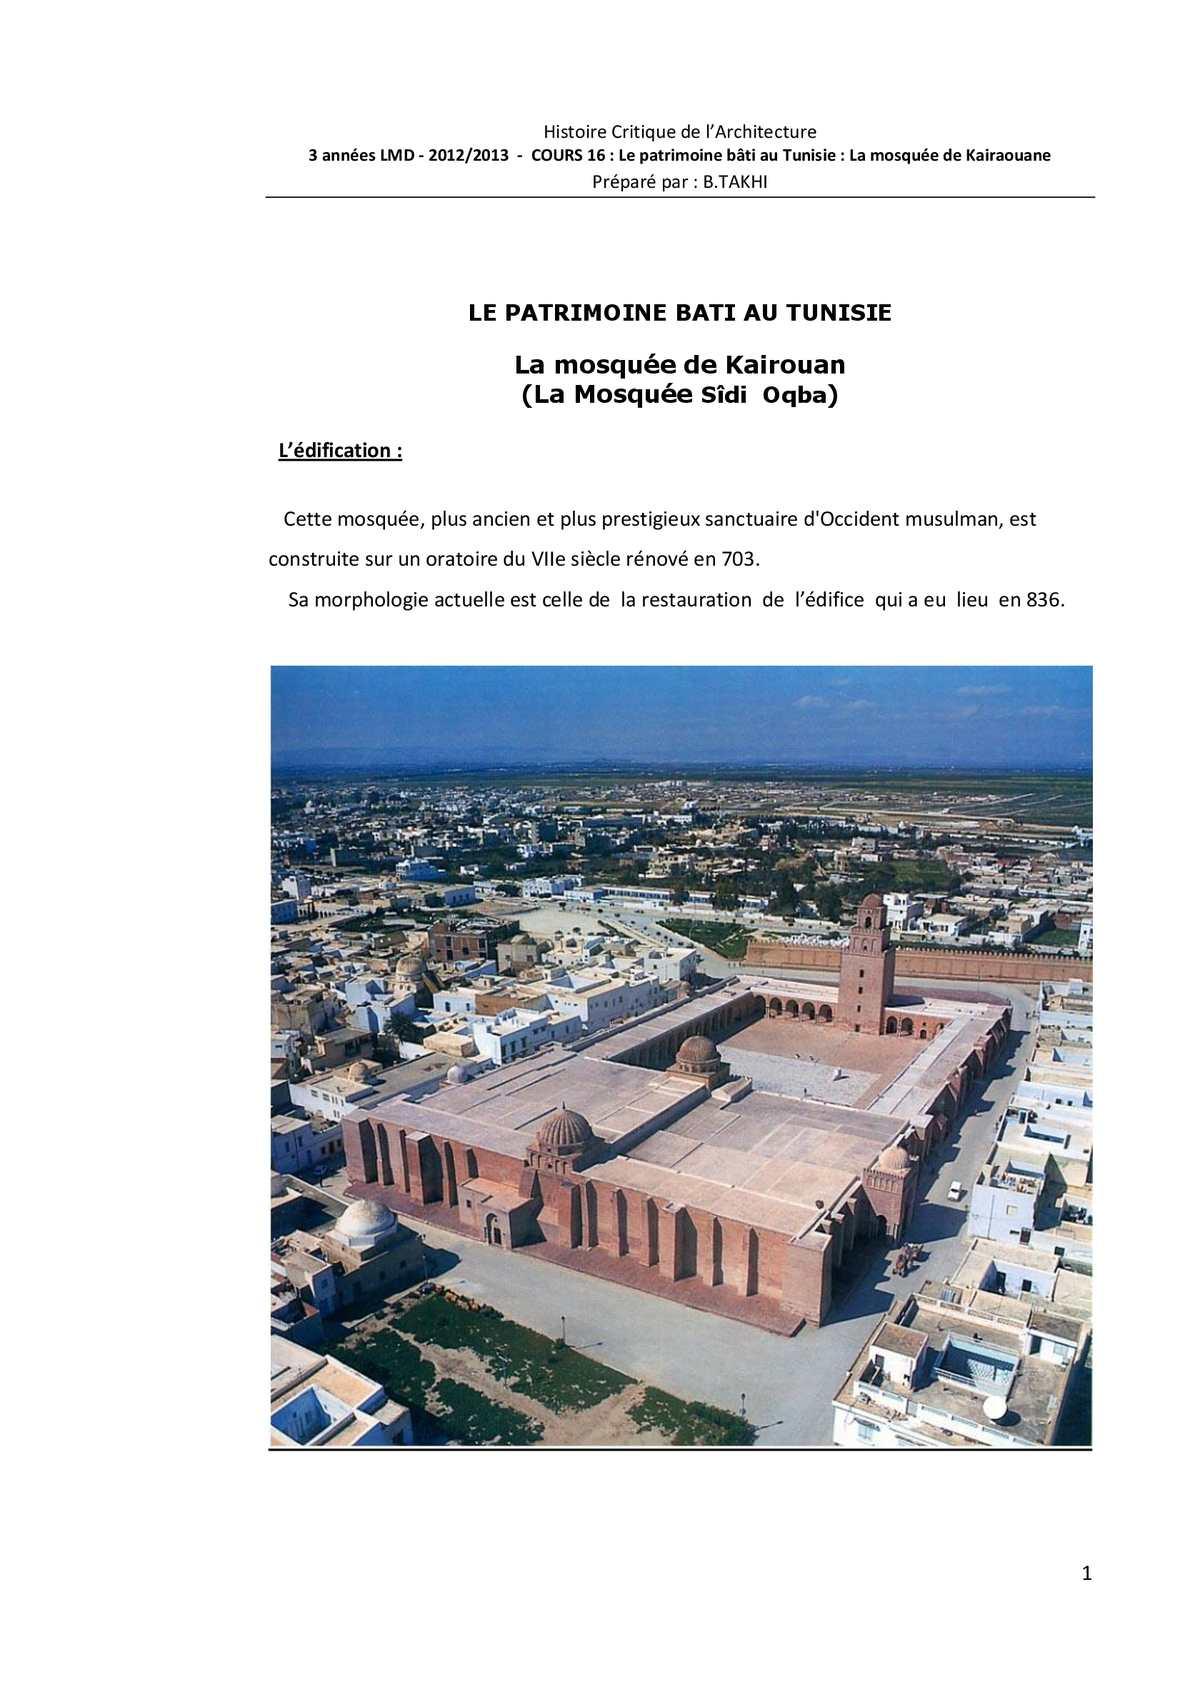 La mosquée de Kairaouane